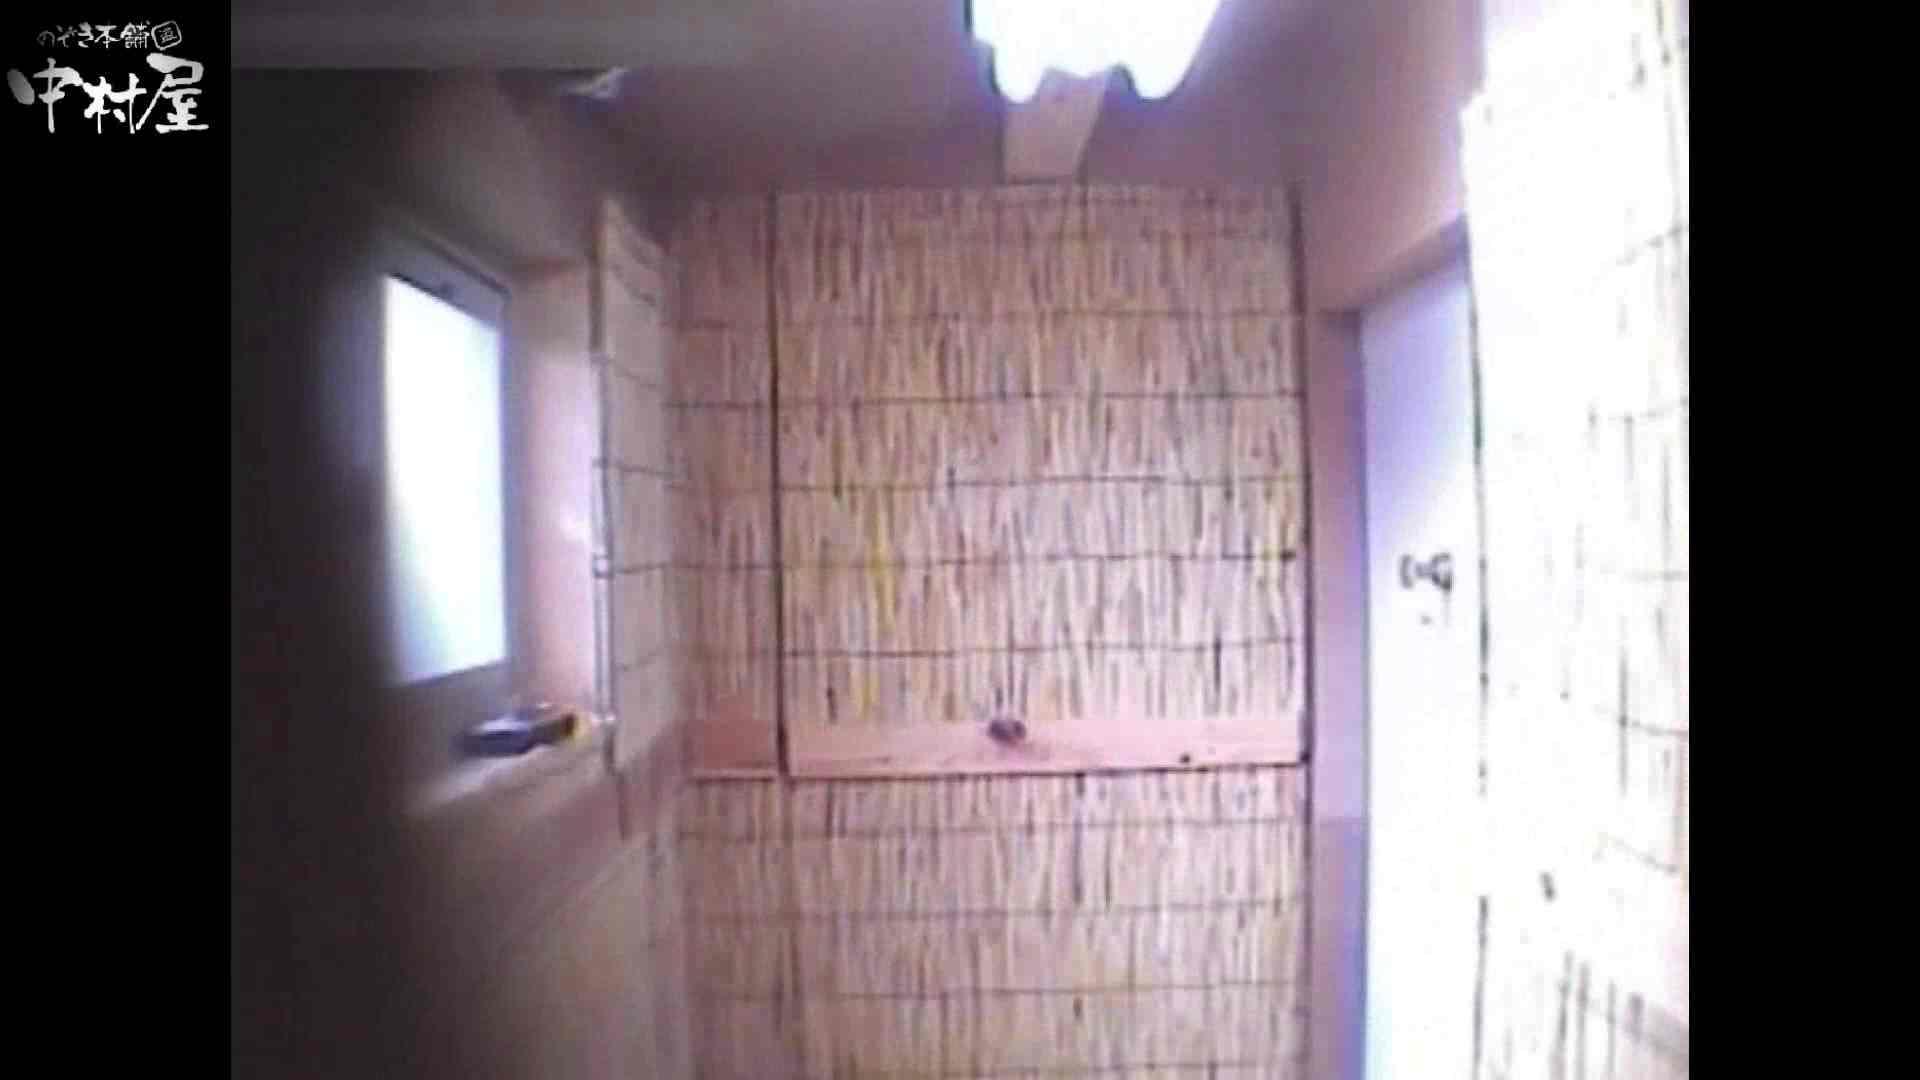 解禁!海の家4カメ洗面所vol.67 ギャルエロ画像 | OLエロ画像  98PICs 5